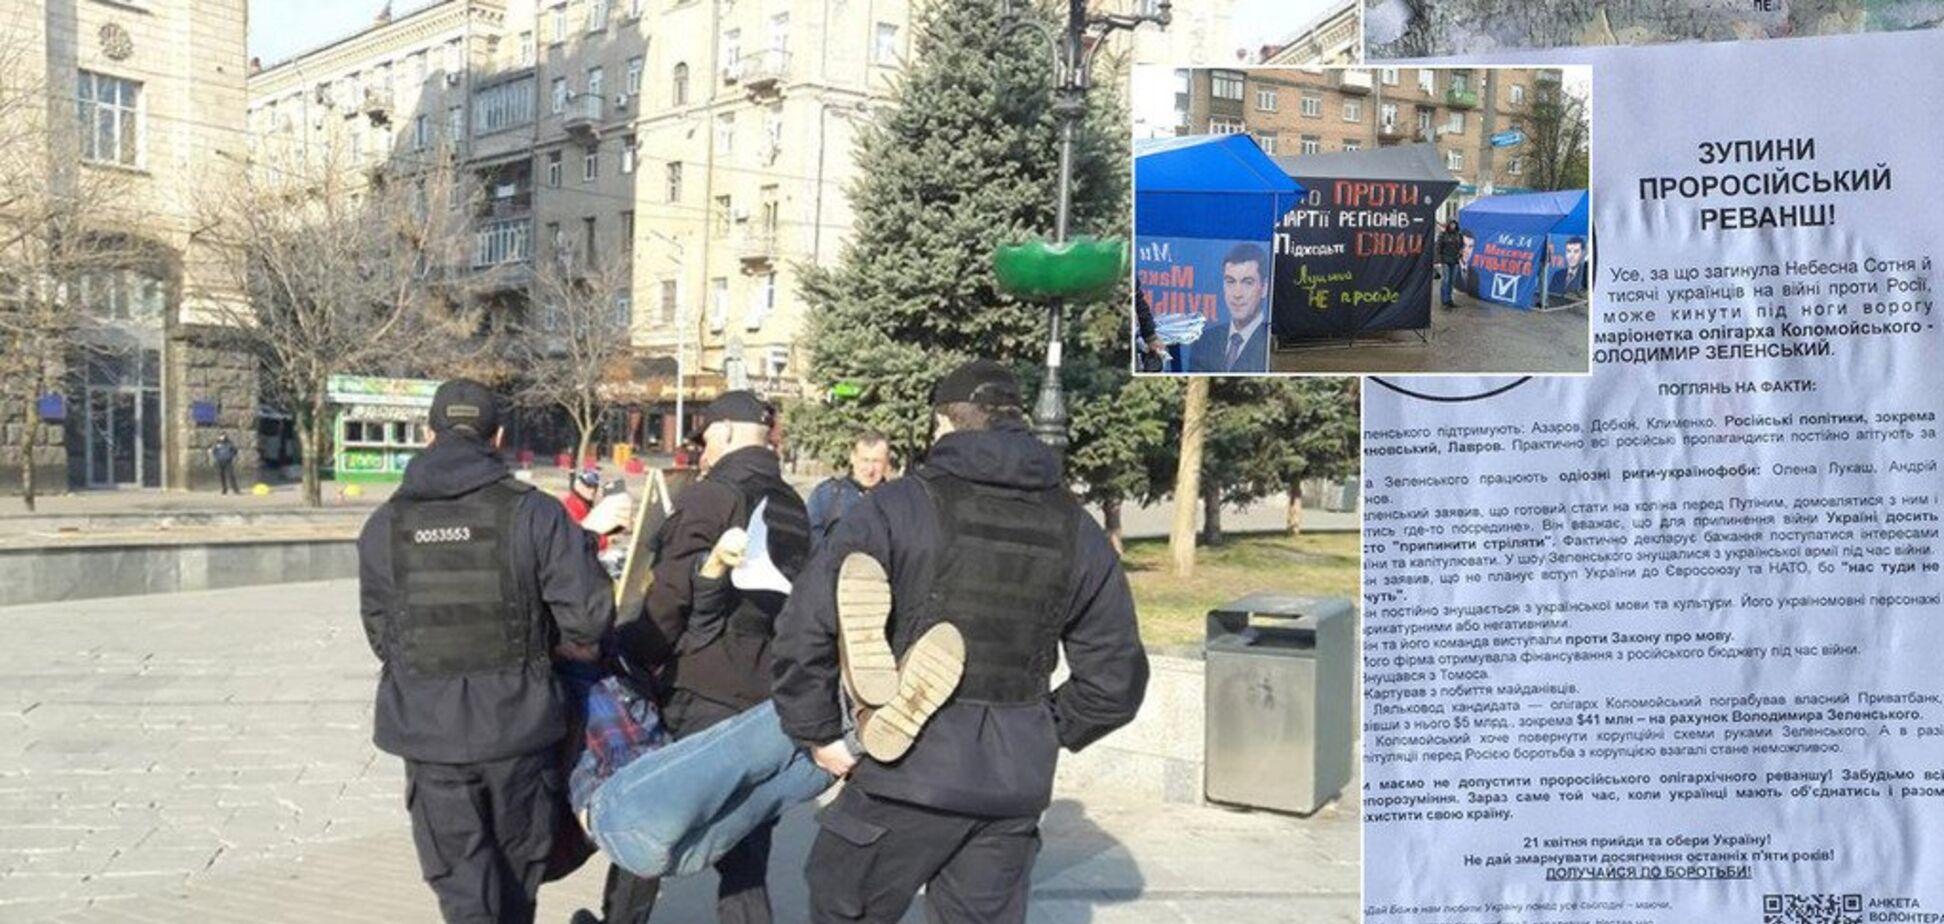 Скандал с листовками против Зеленского: кто виноват